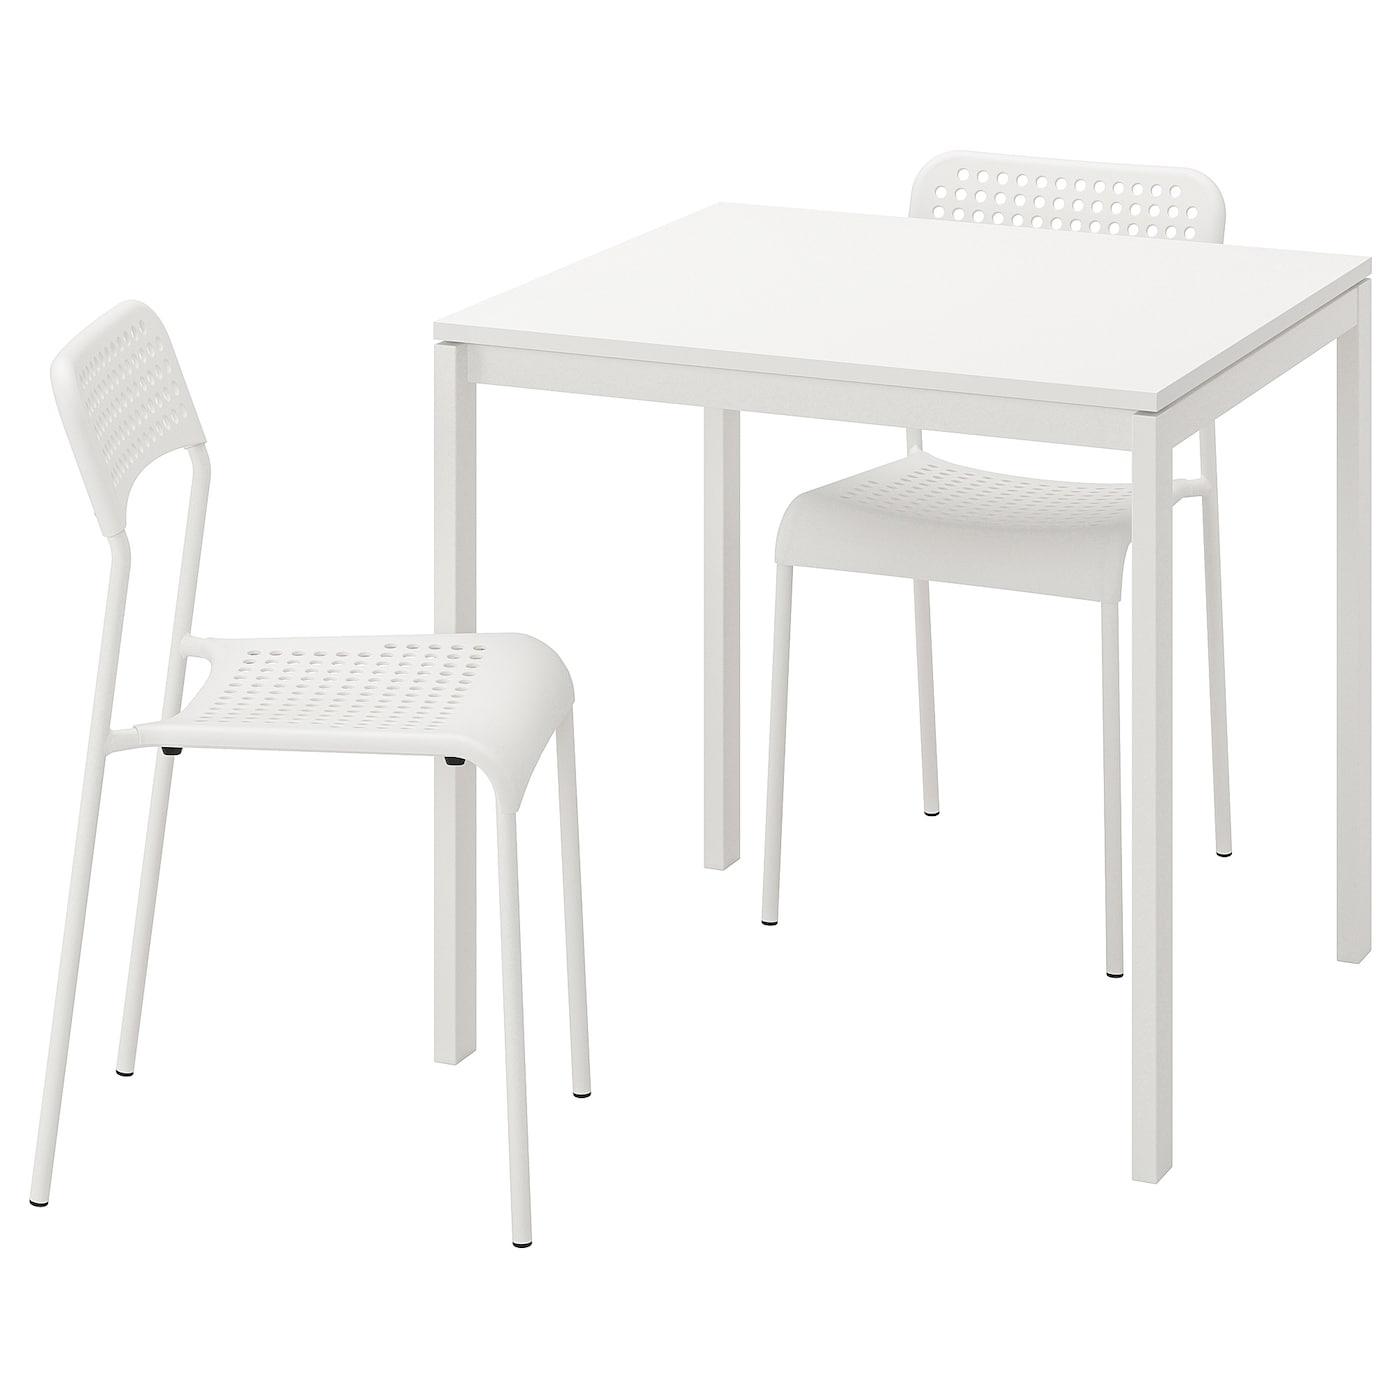 MELLTORP ADDE Bord och 2 stolar vit 75 cm